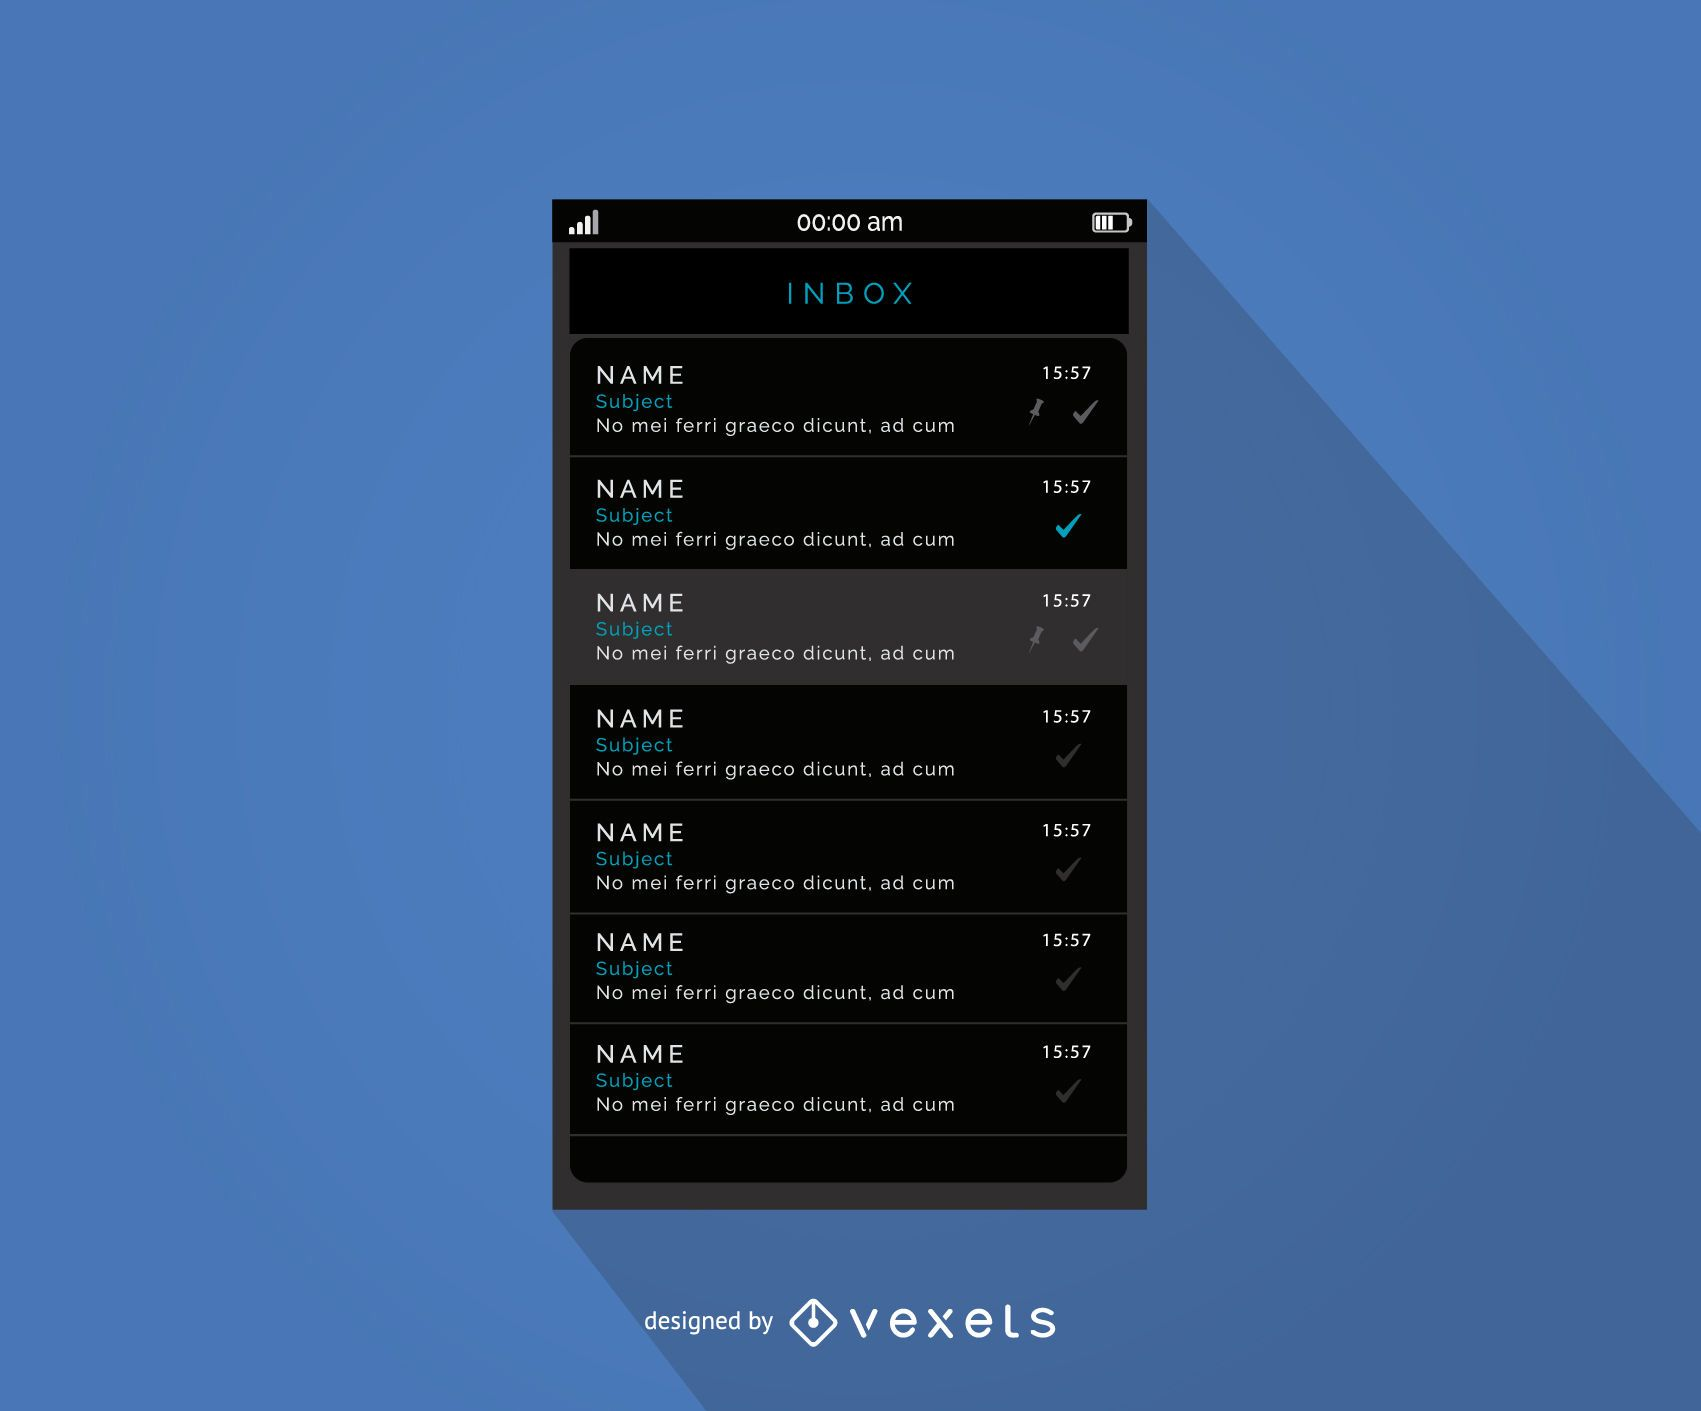 Diseño de interfaz de bandeja de entrada de mensajes móviles